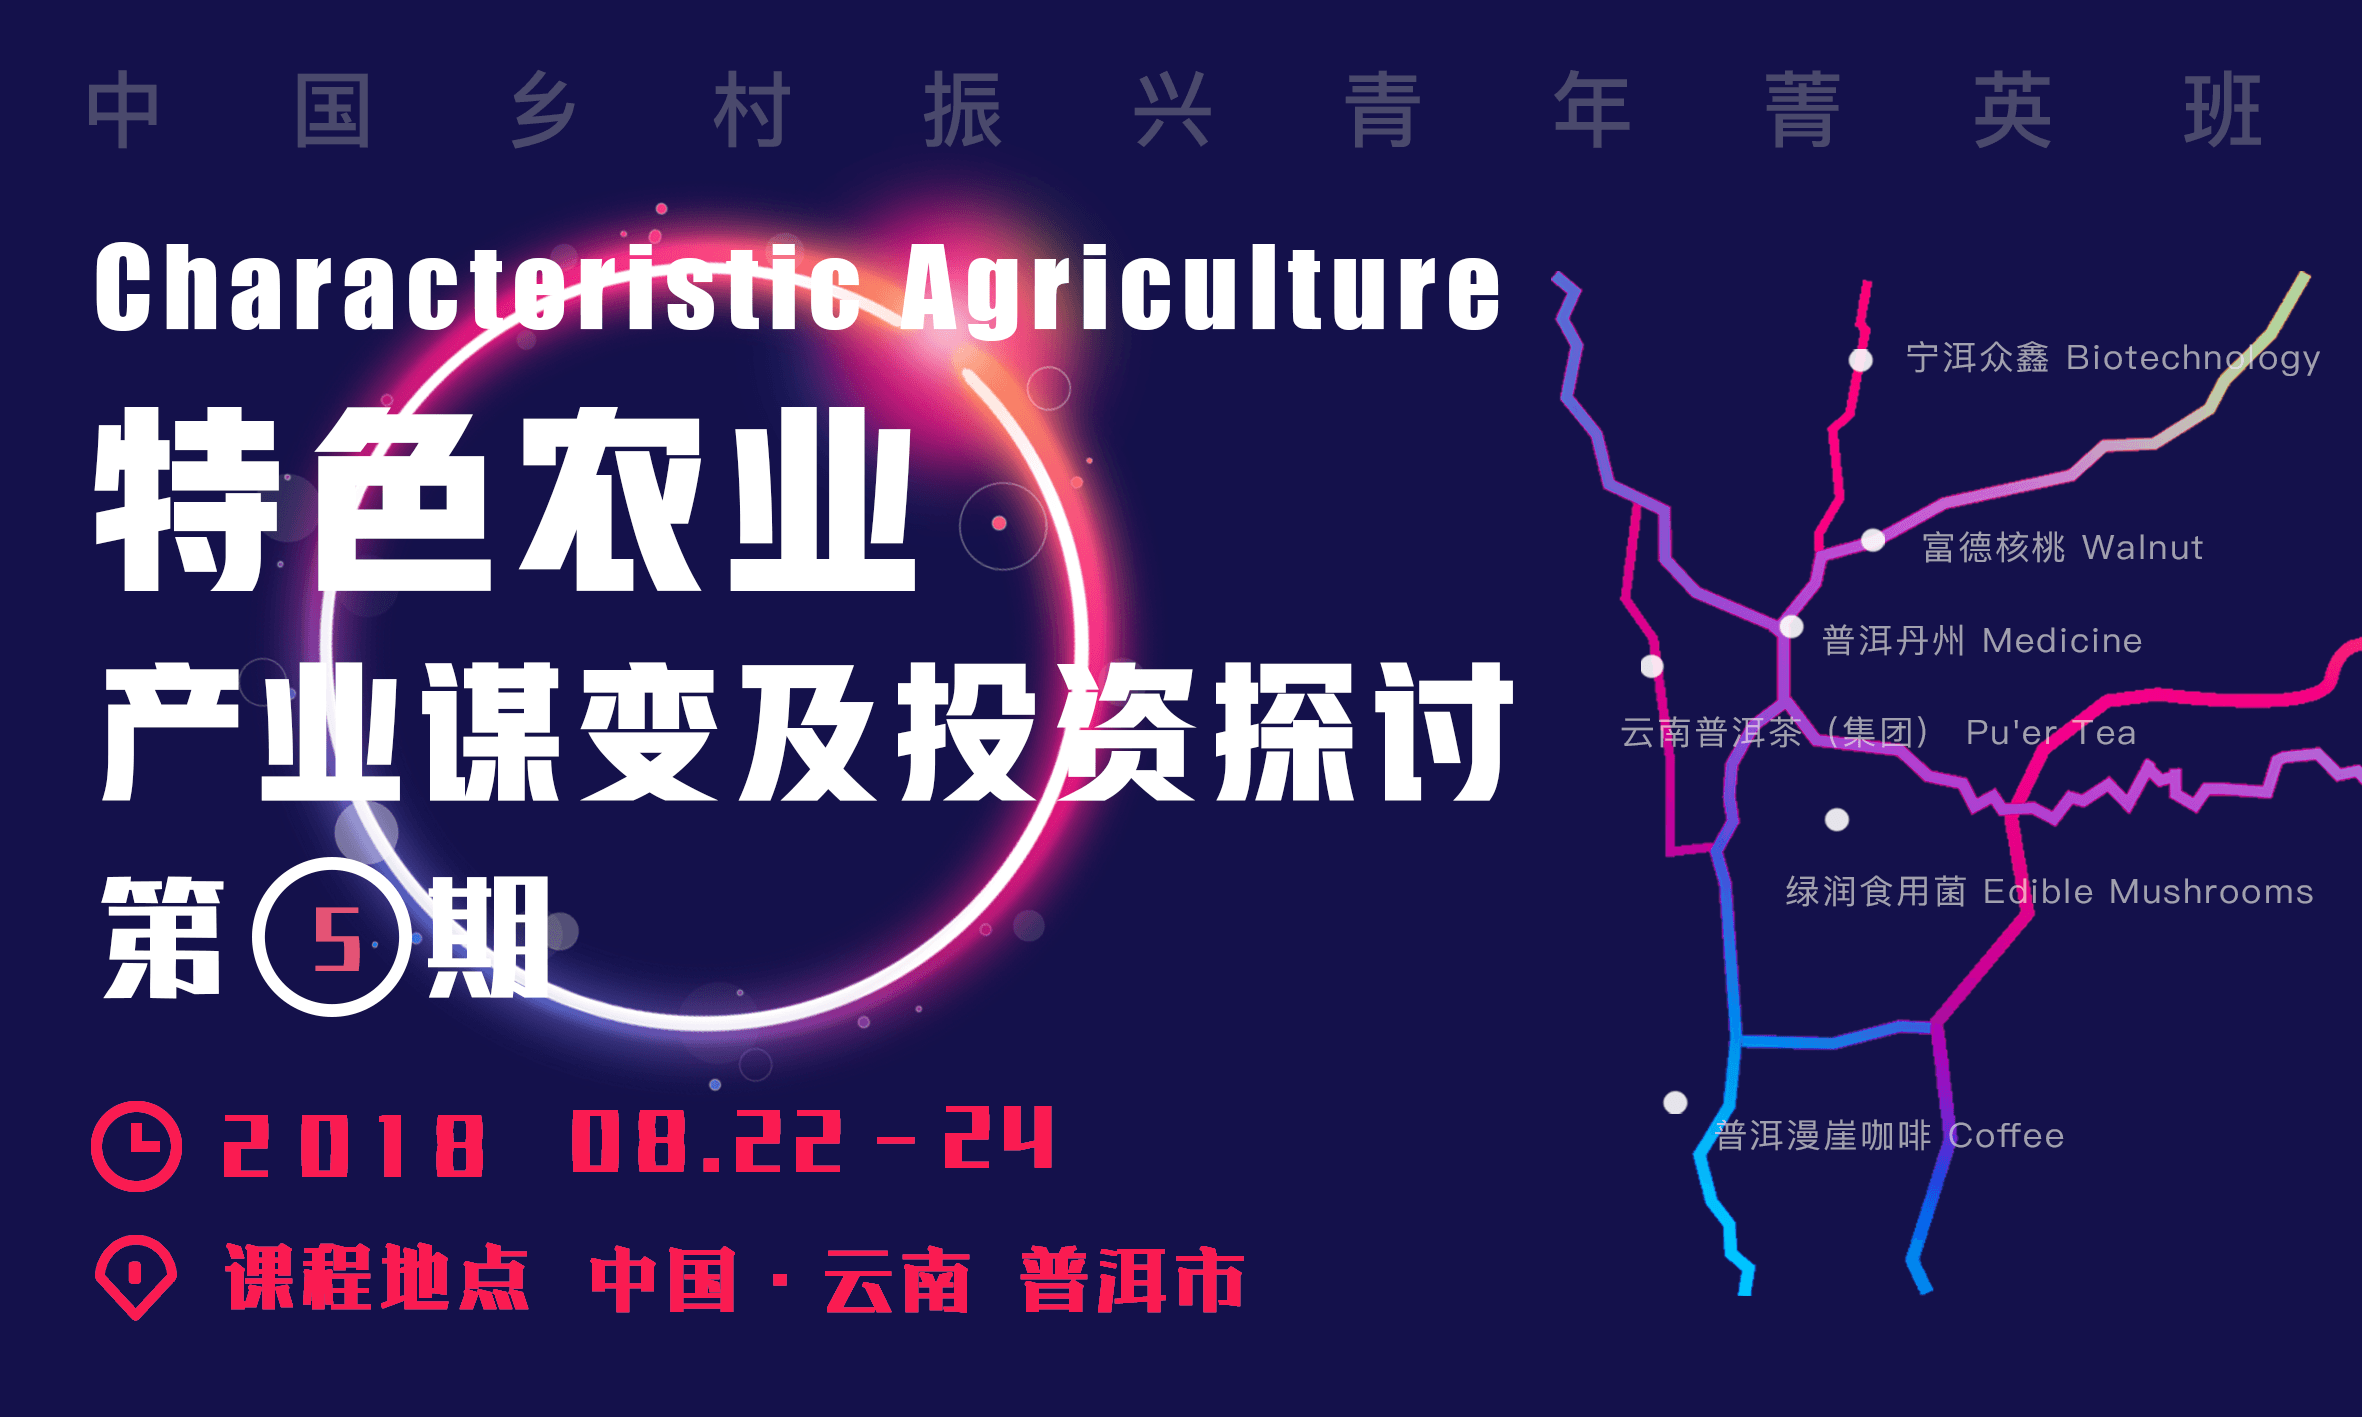 2018中国乡村振兴青年菁英班—— 第五期课程 《特色农业产业谋变及投资探讨》